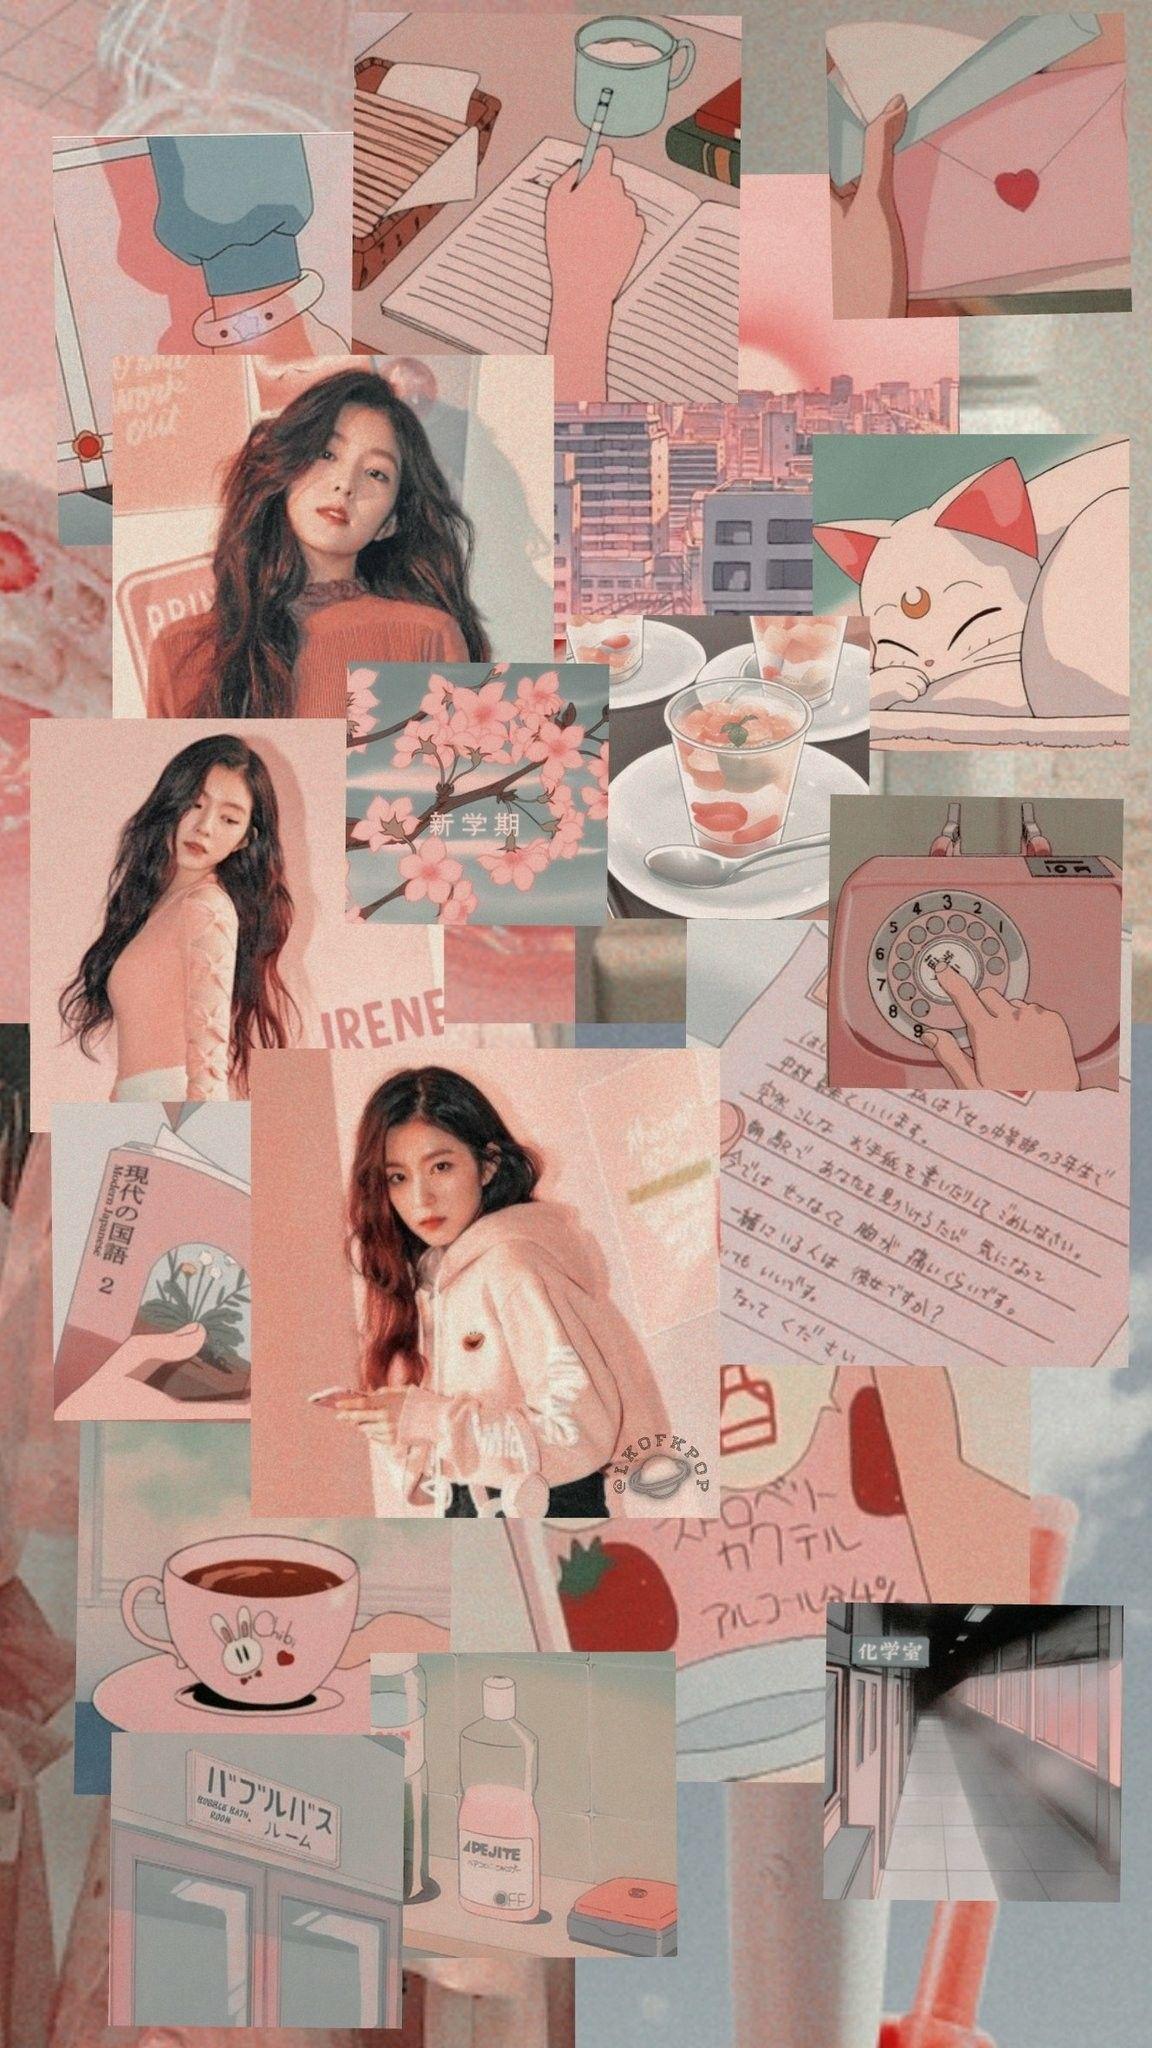 Pin Oleh Fairy Di Bae 33 Gambar Karakter Artis Wallpaper Kpop